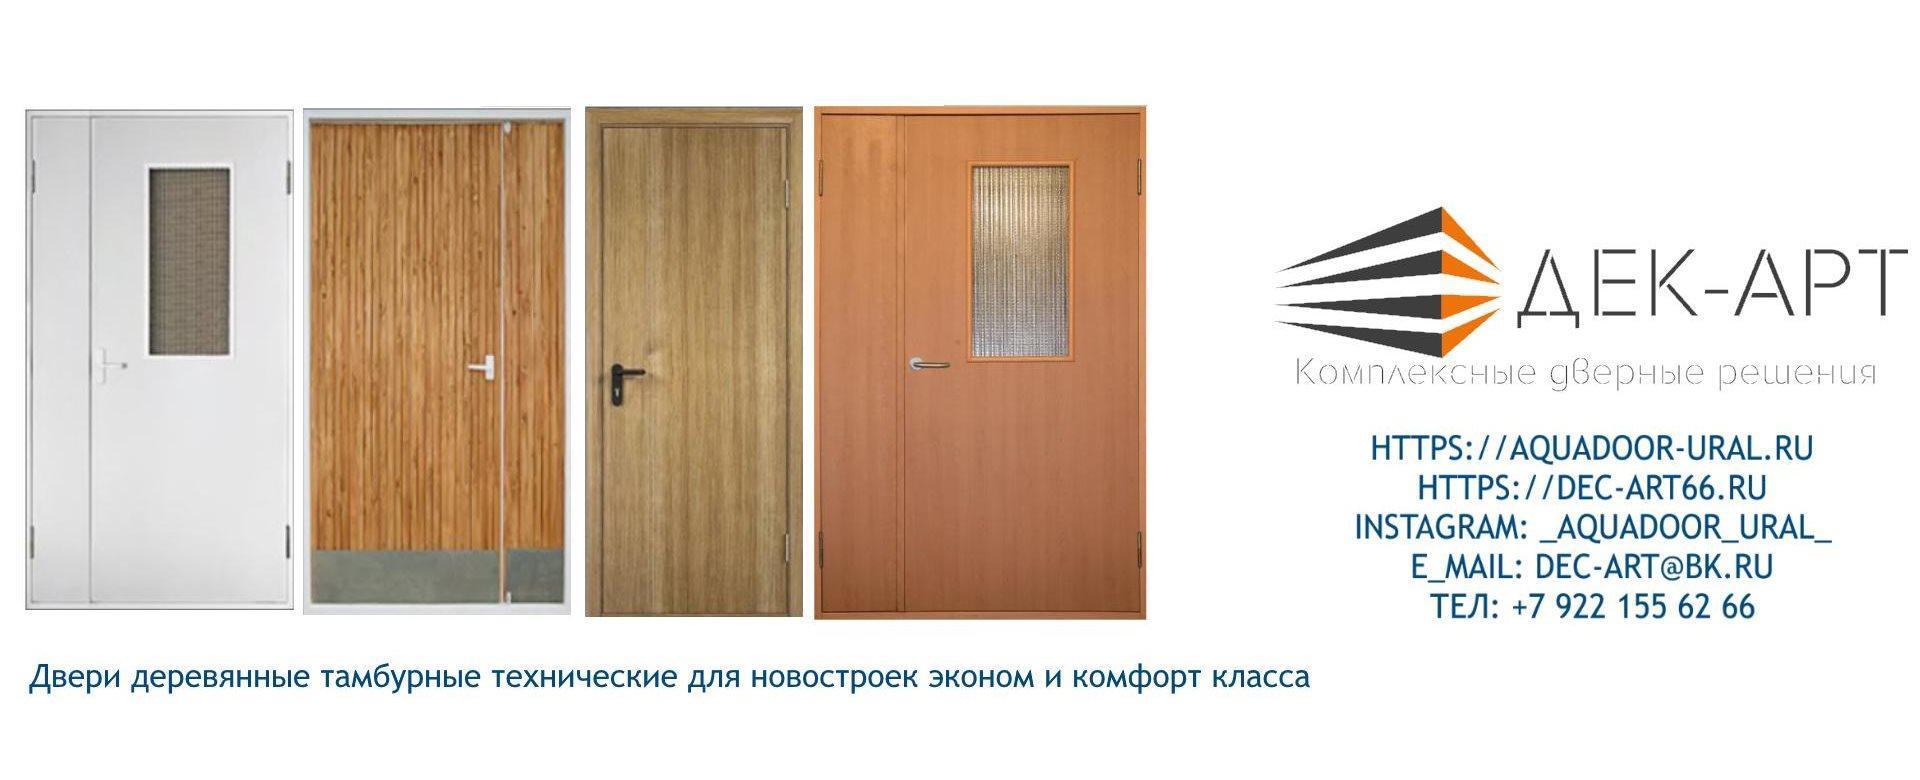 Двери деревянные тамбурные технические для жилья эконом и комфорт класса